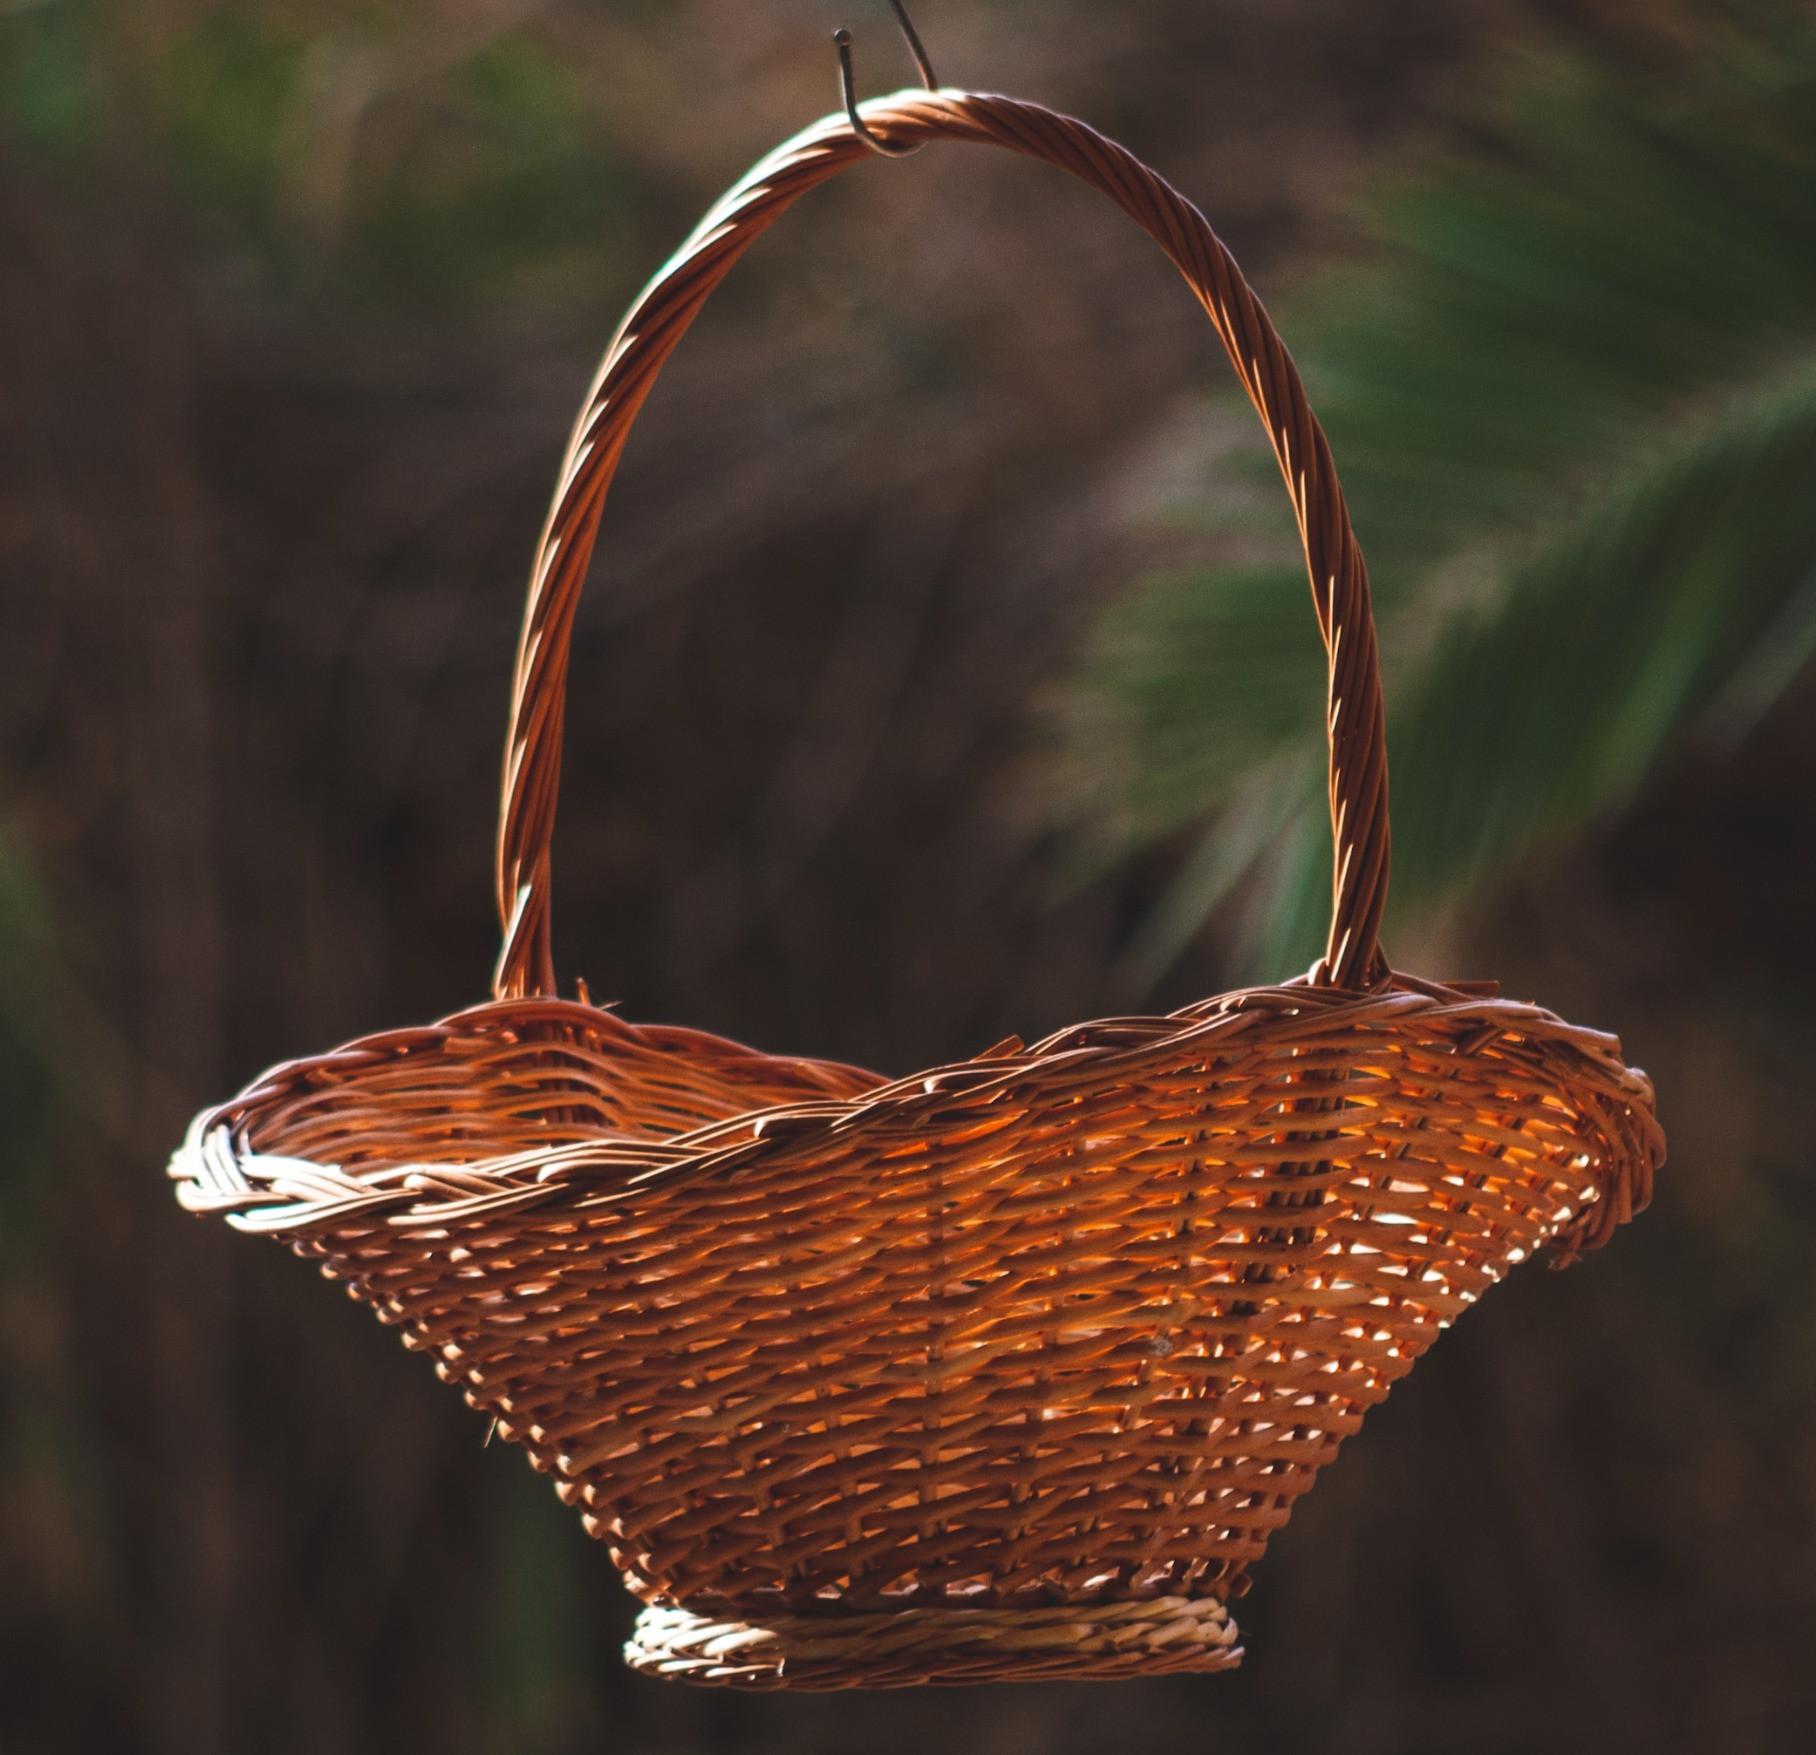 Basket of Love Sign Up